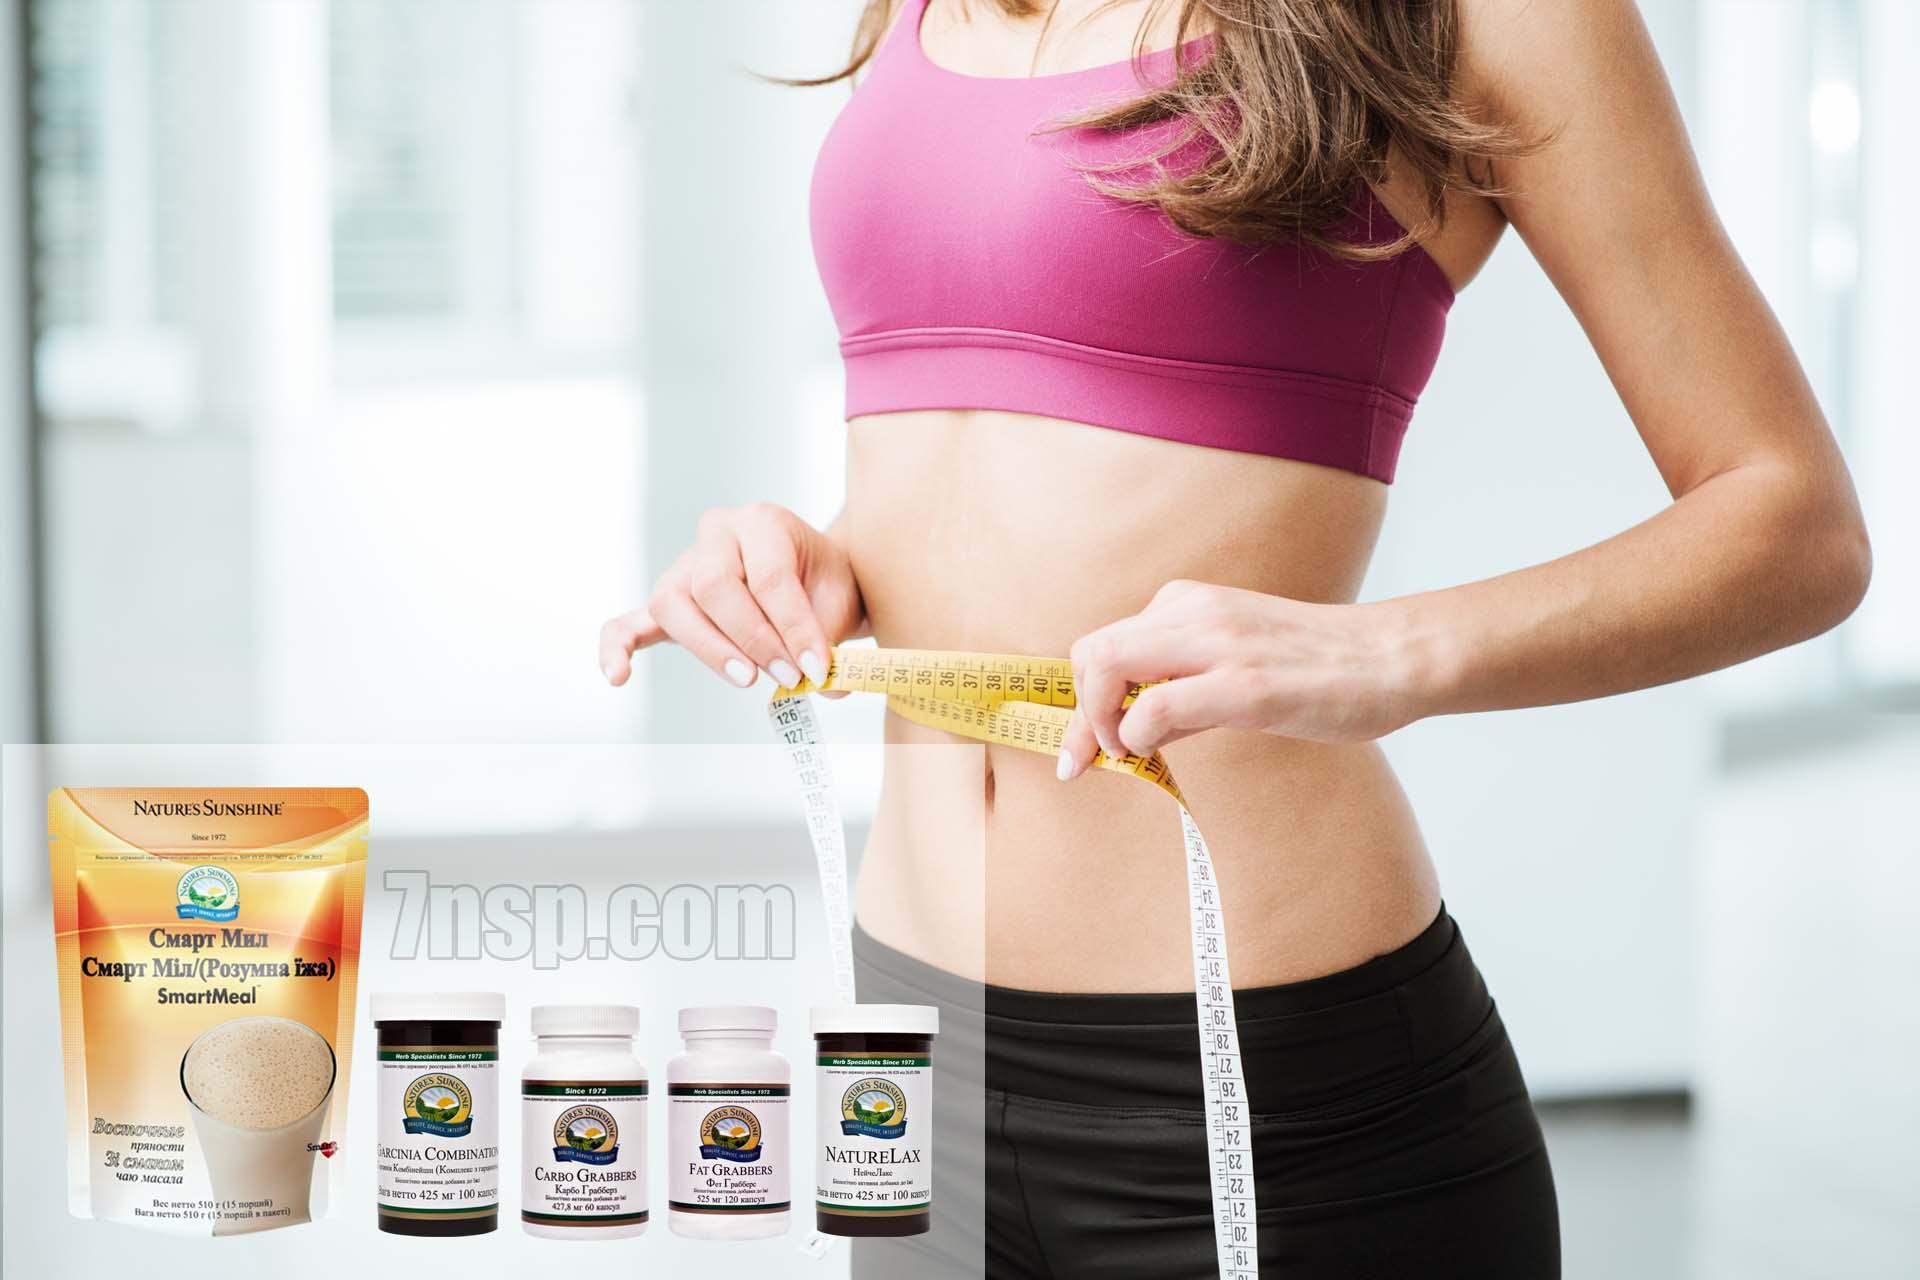 Лучшее Средство Чтобы Похудеть. Сильные таблетки для похудения — список и отзывы